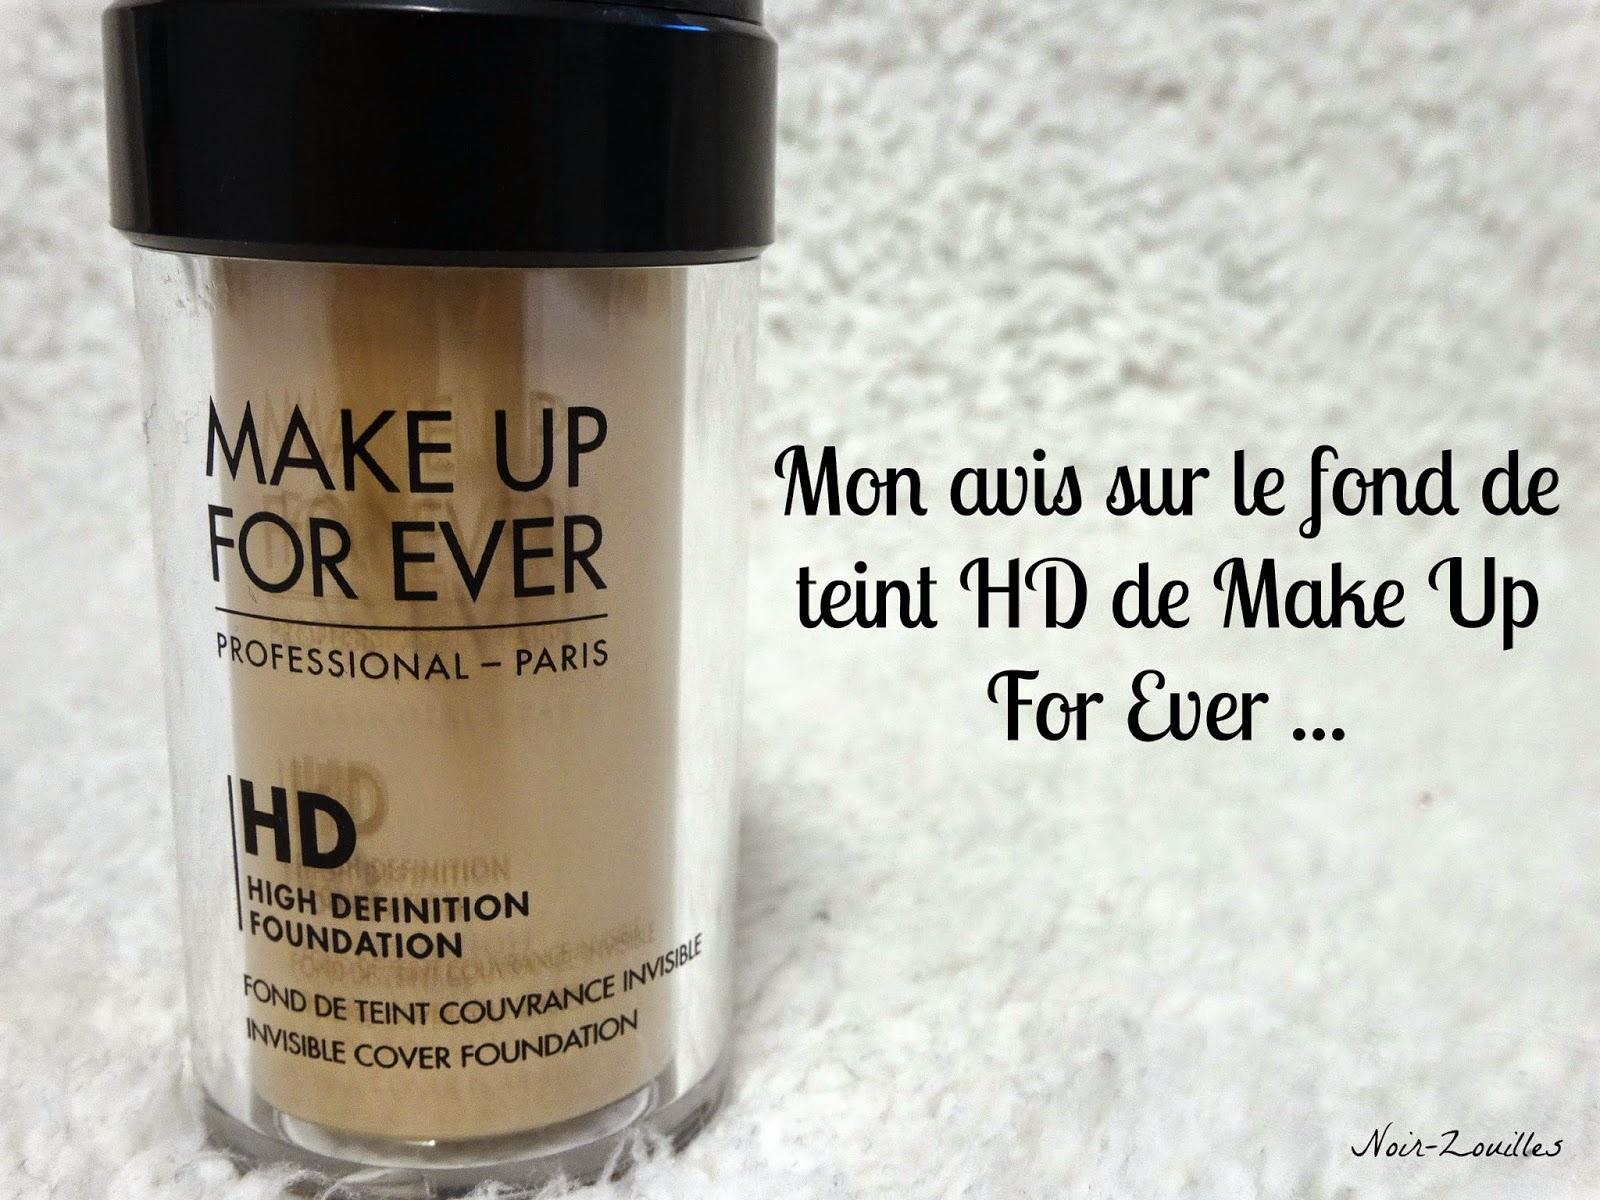 Mon avis sur le fond de teint HD de Make Up For Ever...